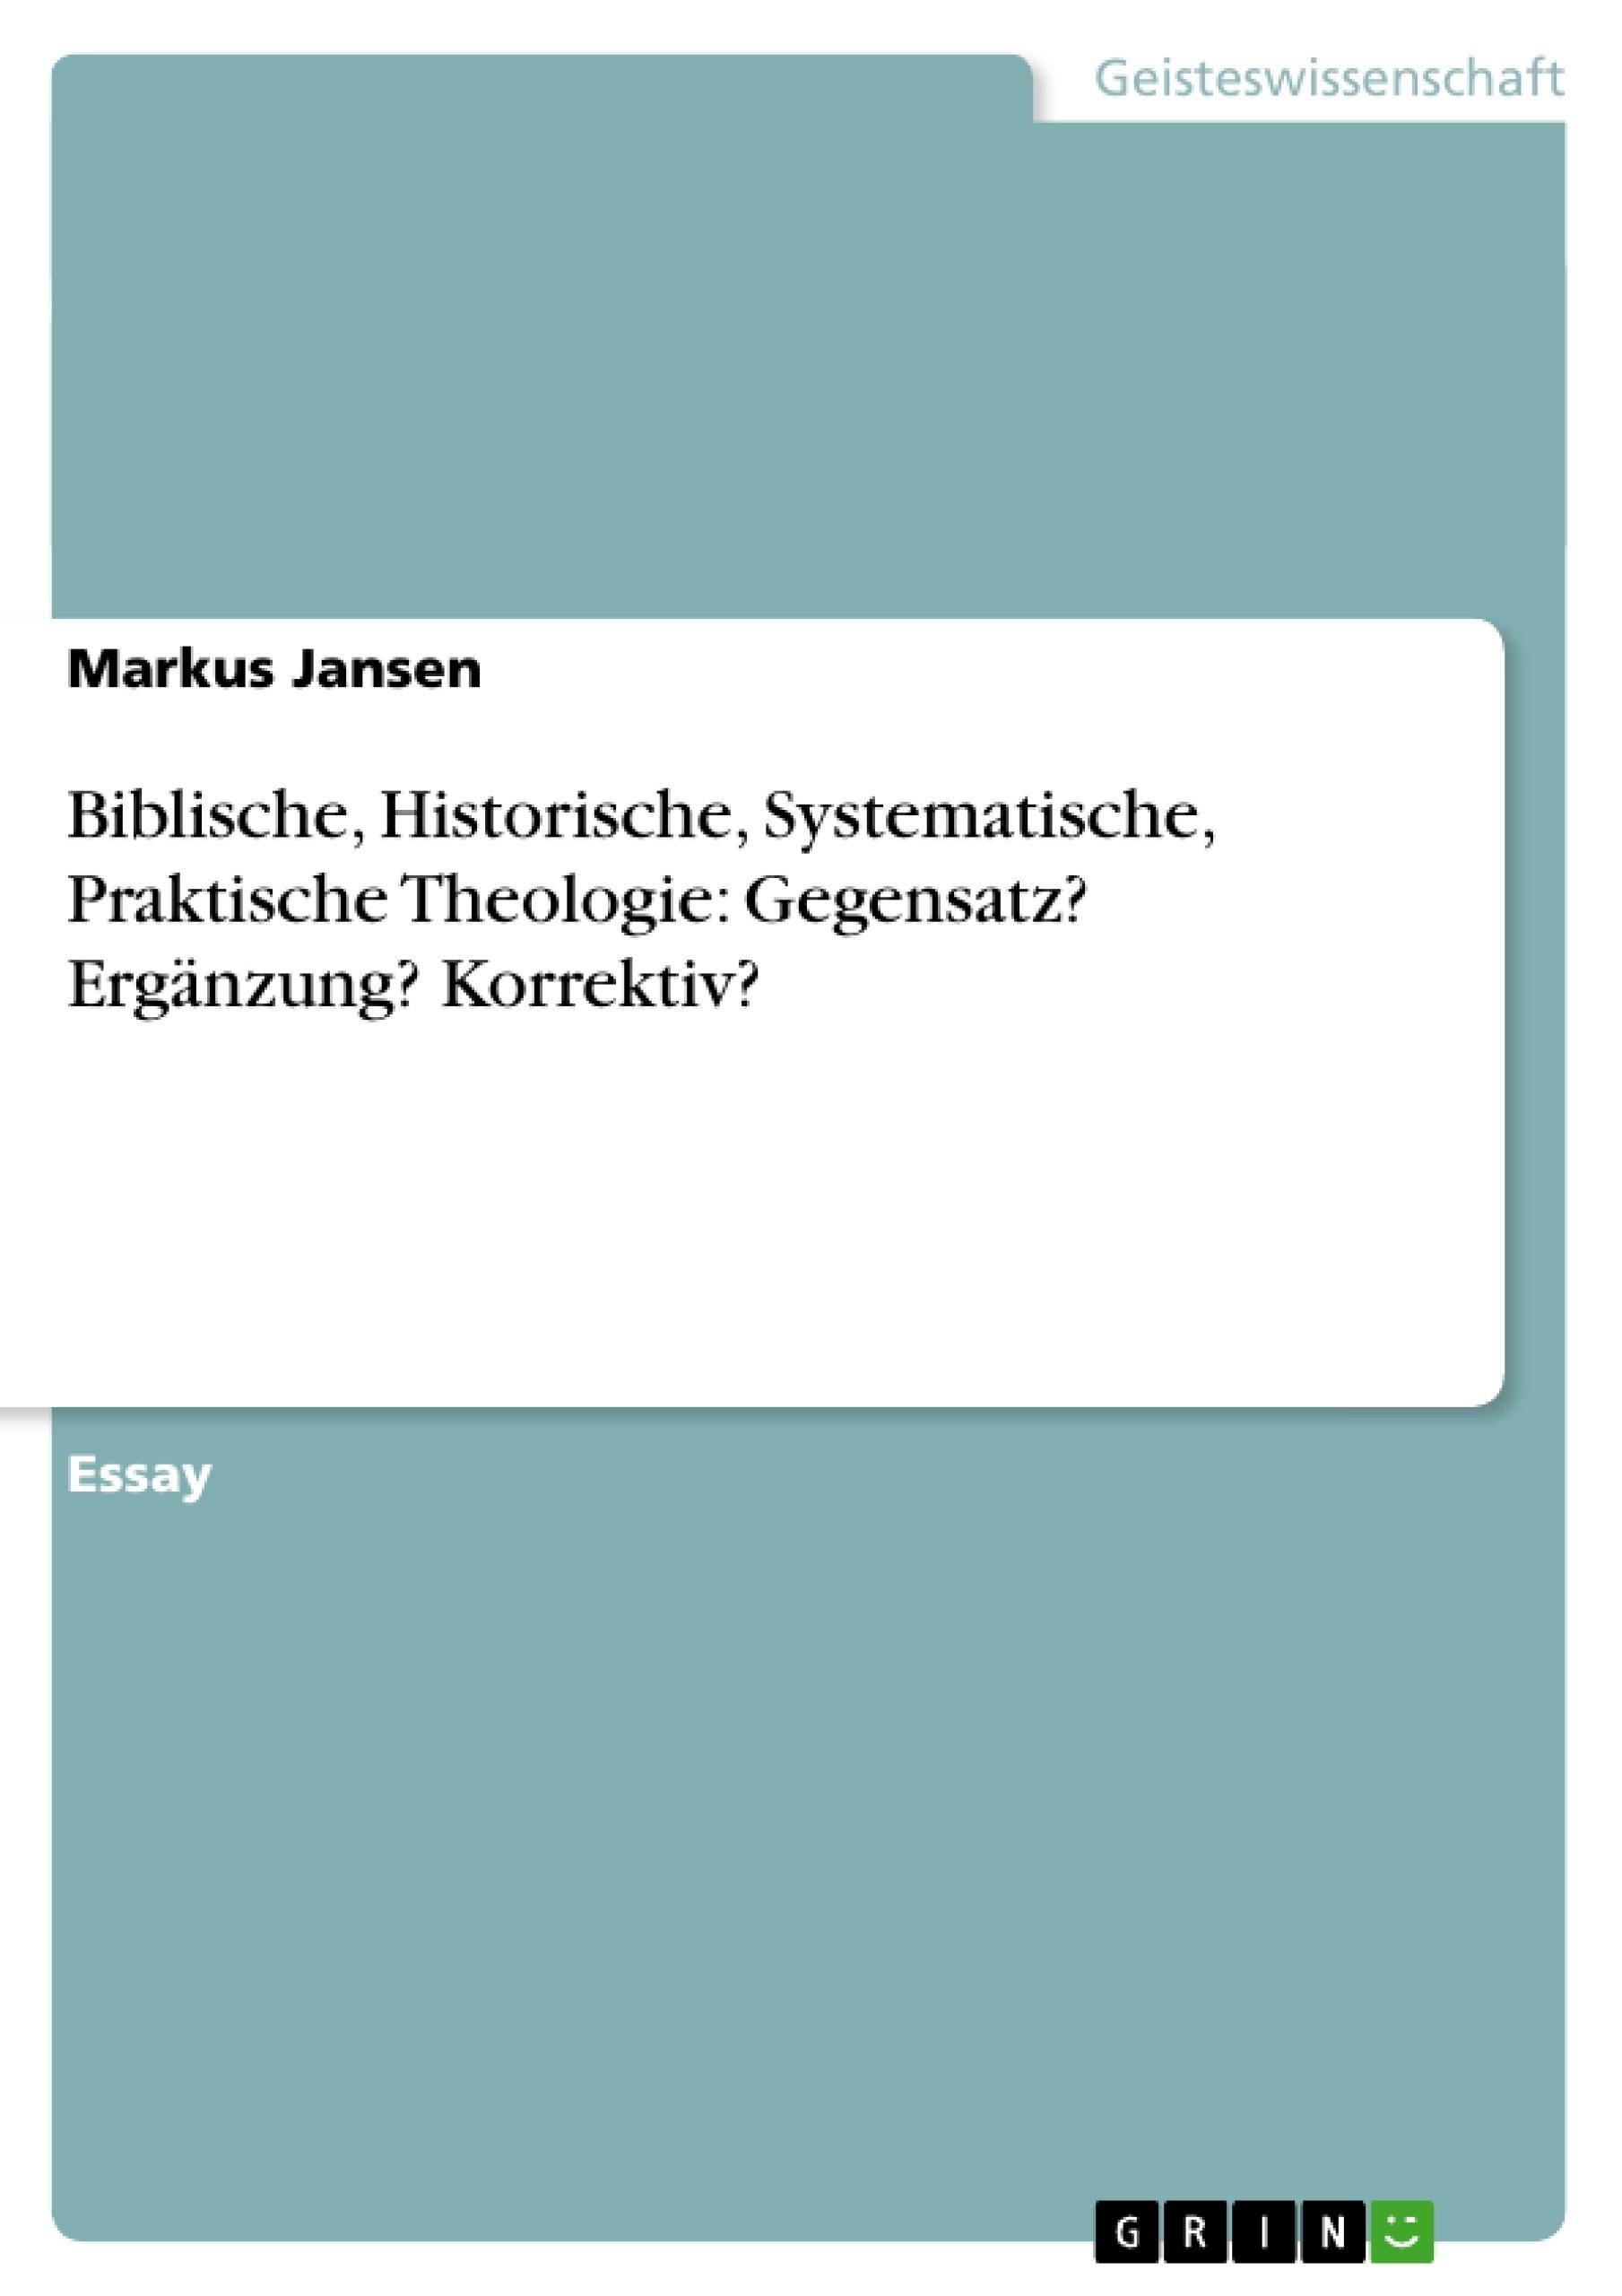 Titel: Biblische, Historische, Systematische, Praktische Theologie. Gegensatz? Ergänzung? Korrektiv?